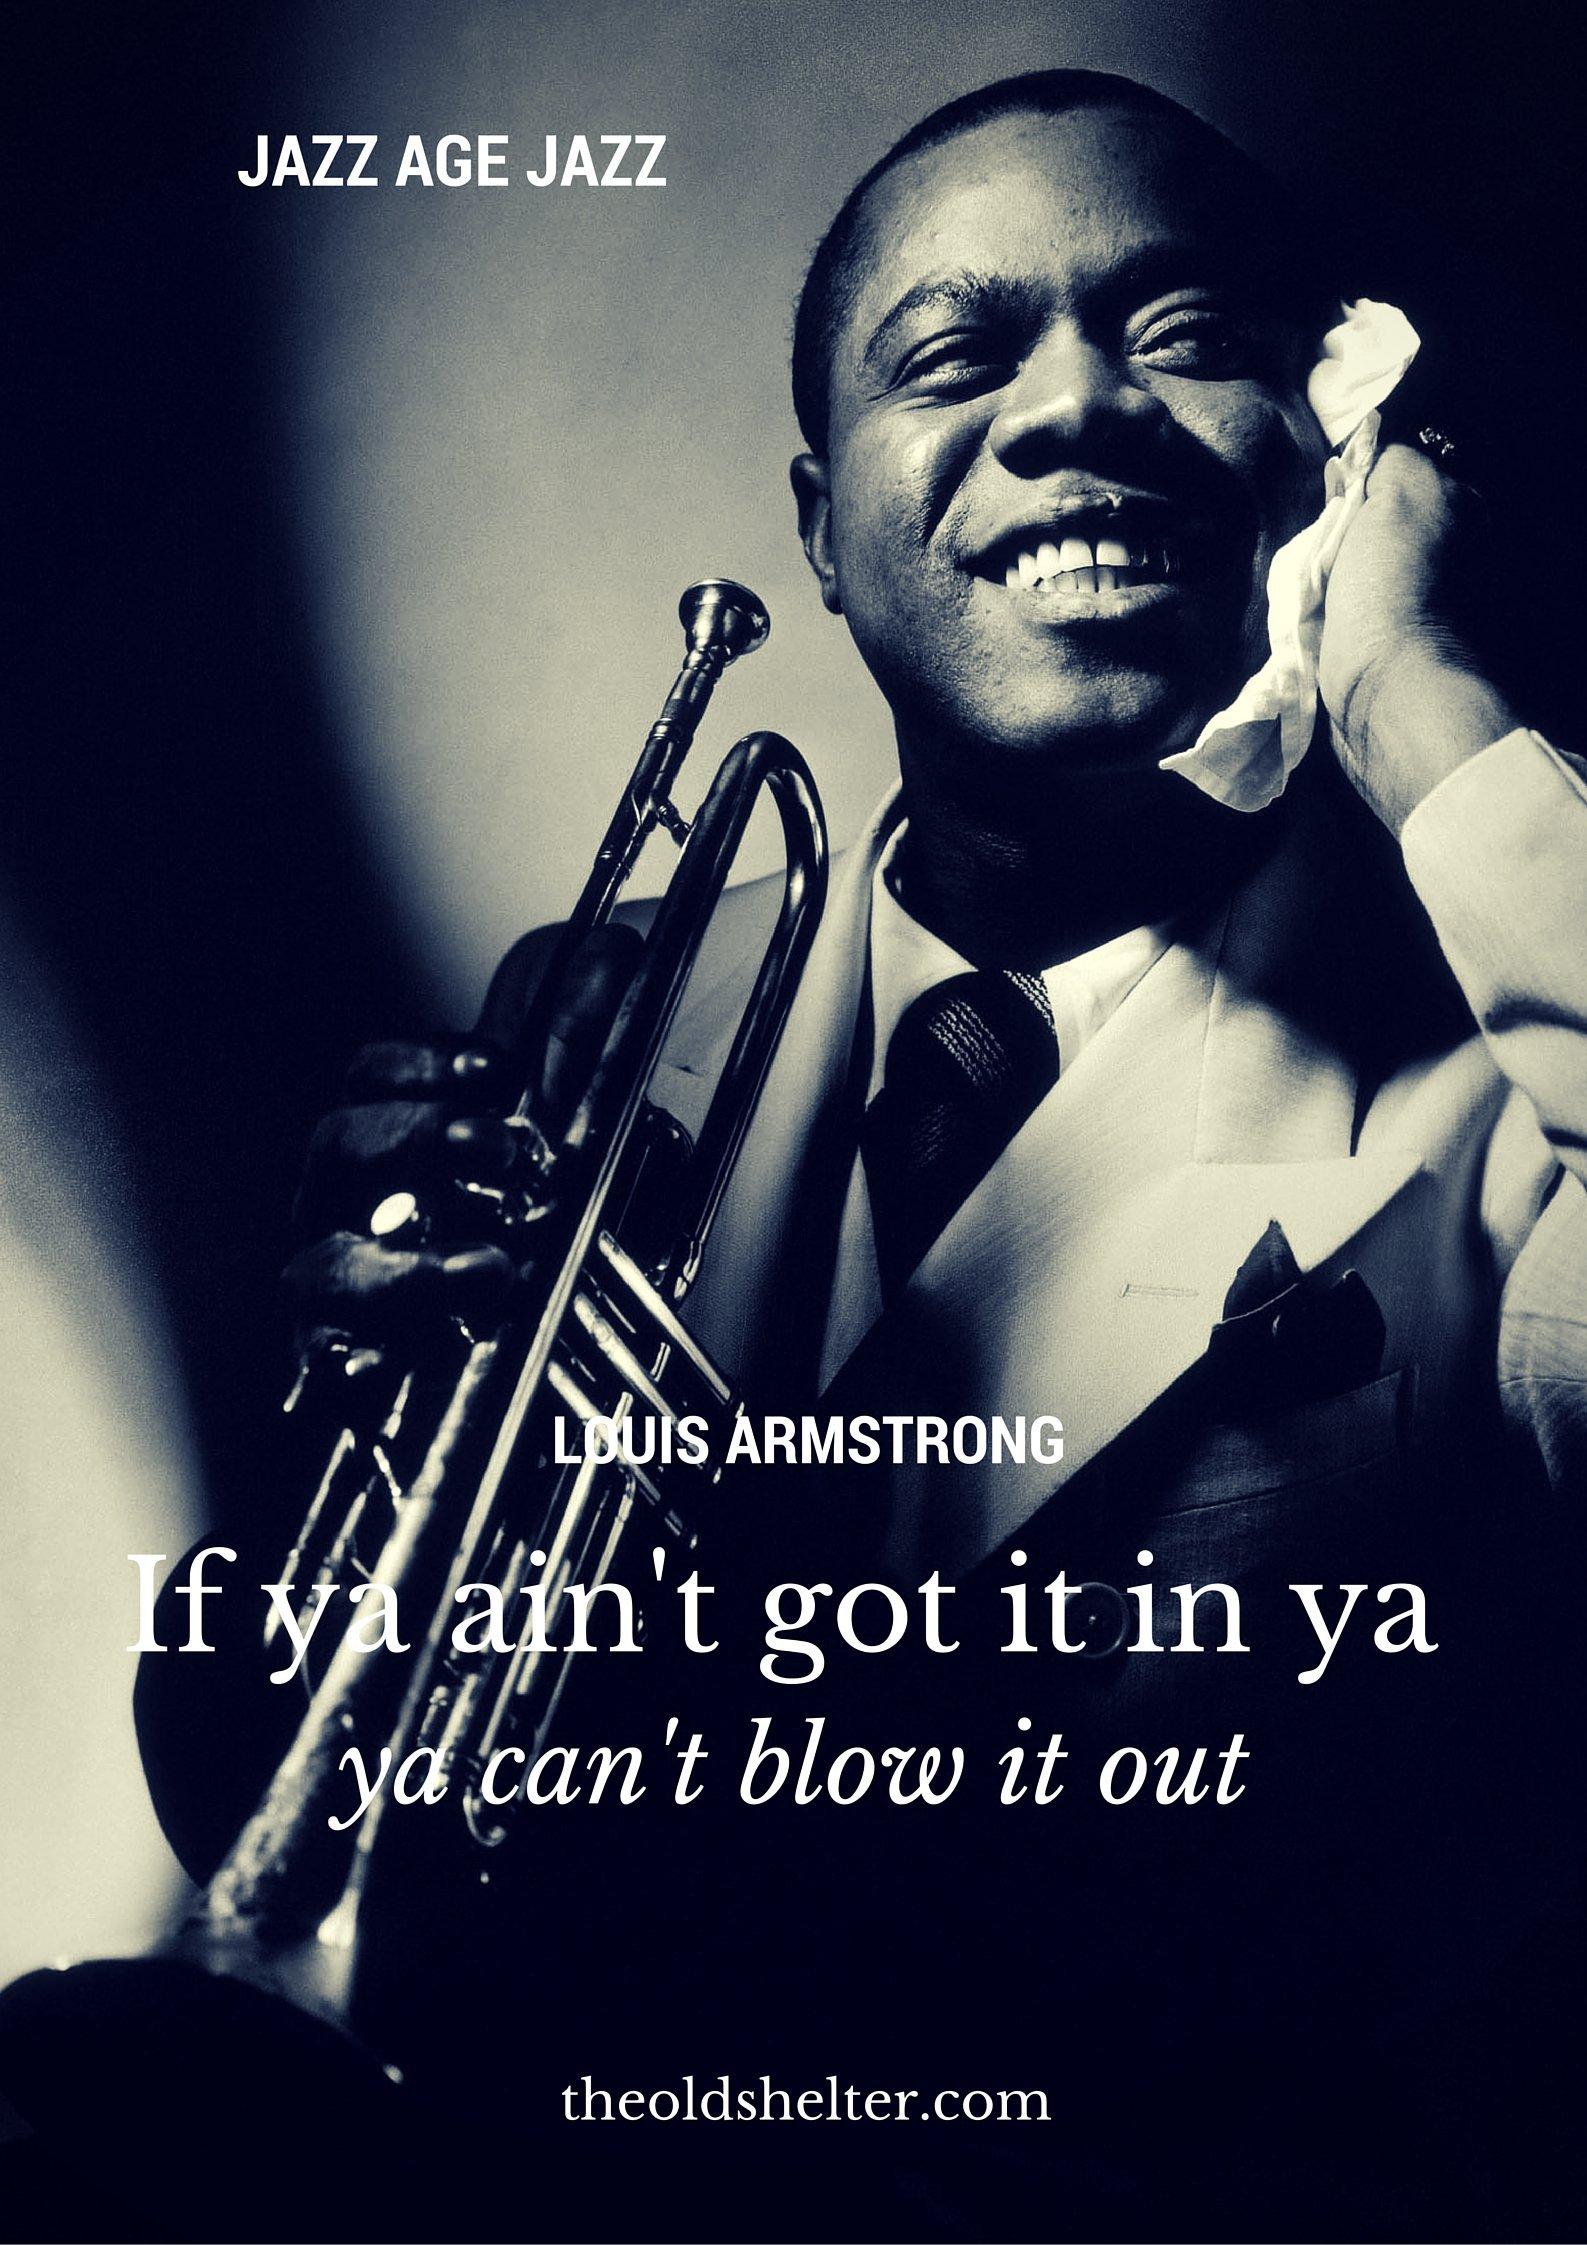 Quotes Atoz Challenge Jazz Age Jazz